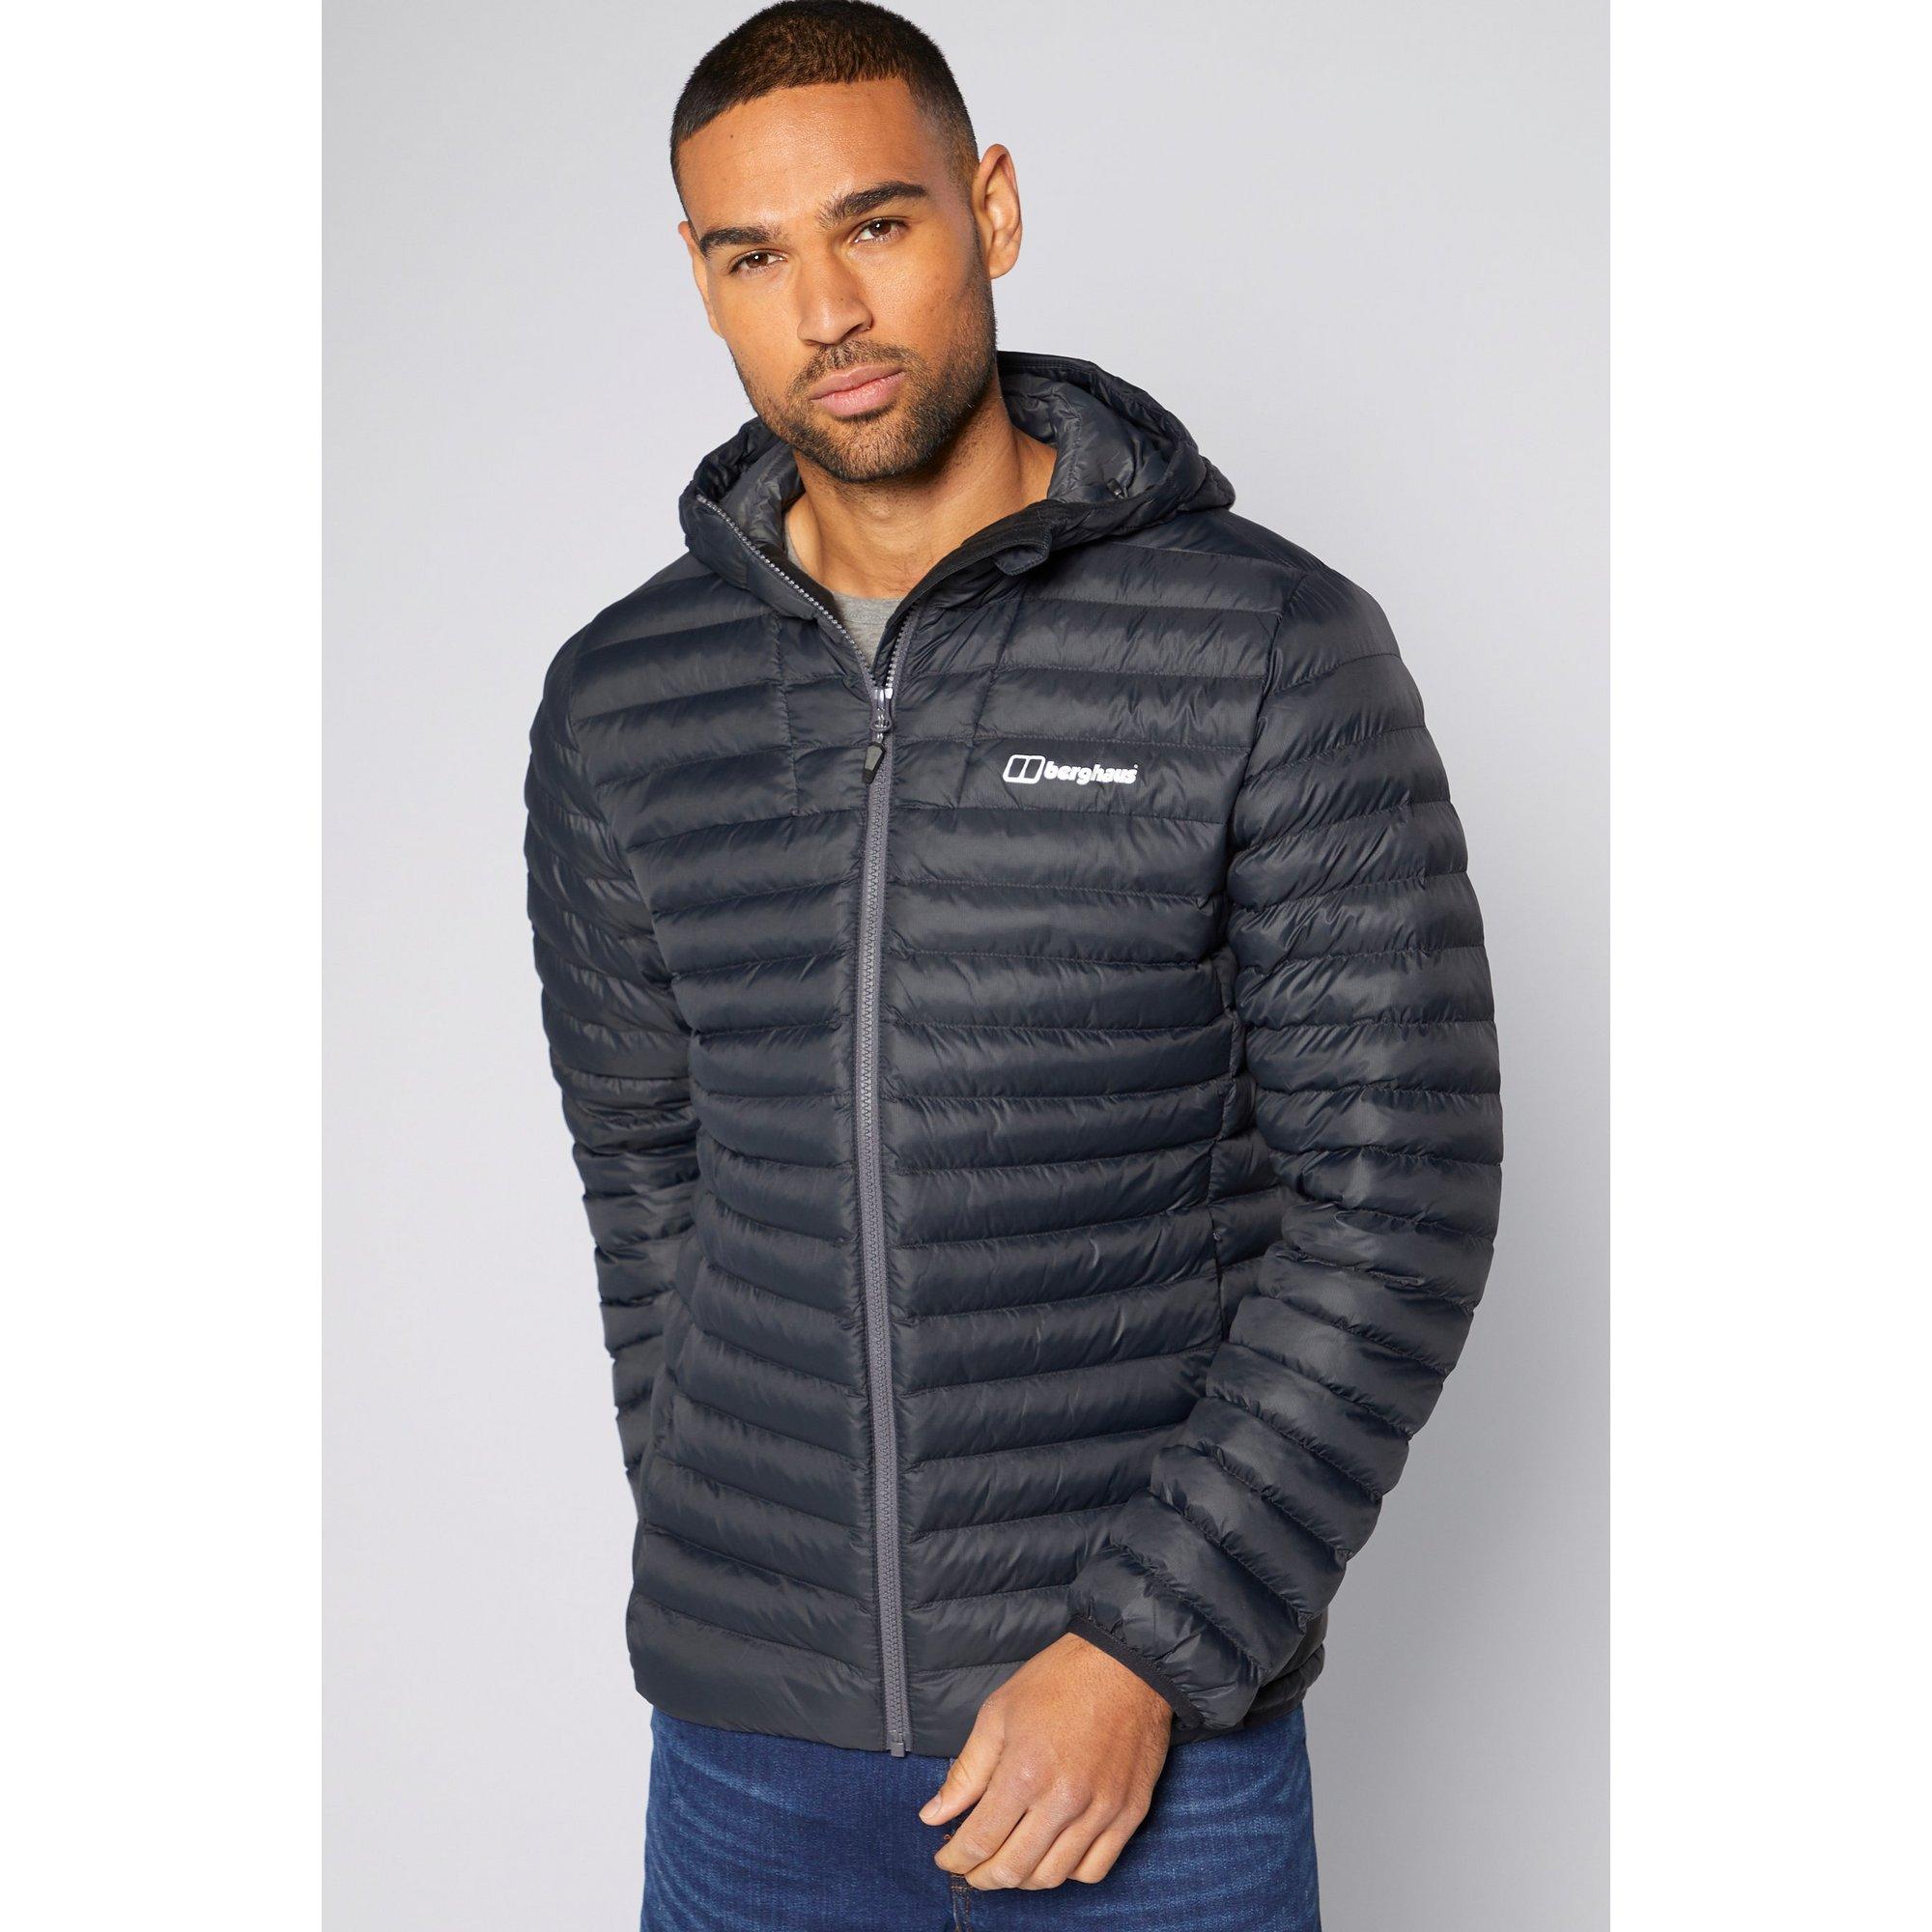 Image of Berghaus Vaskye Jacket